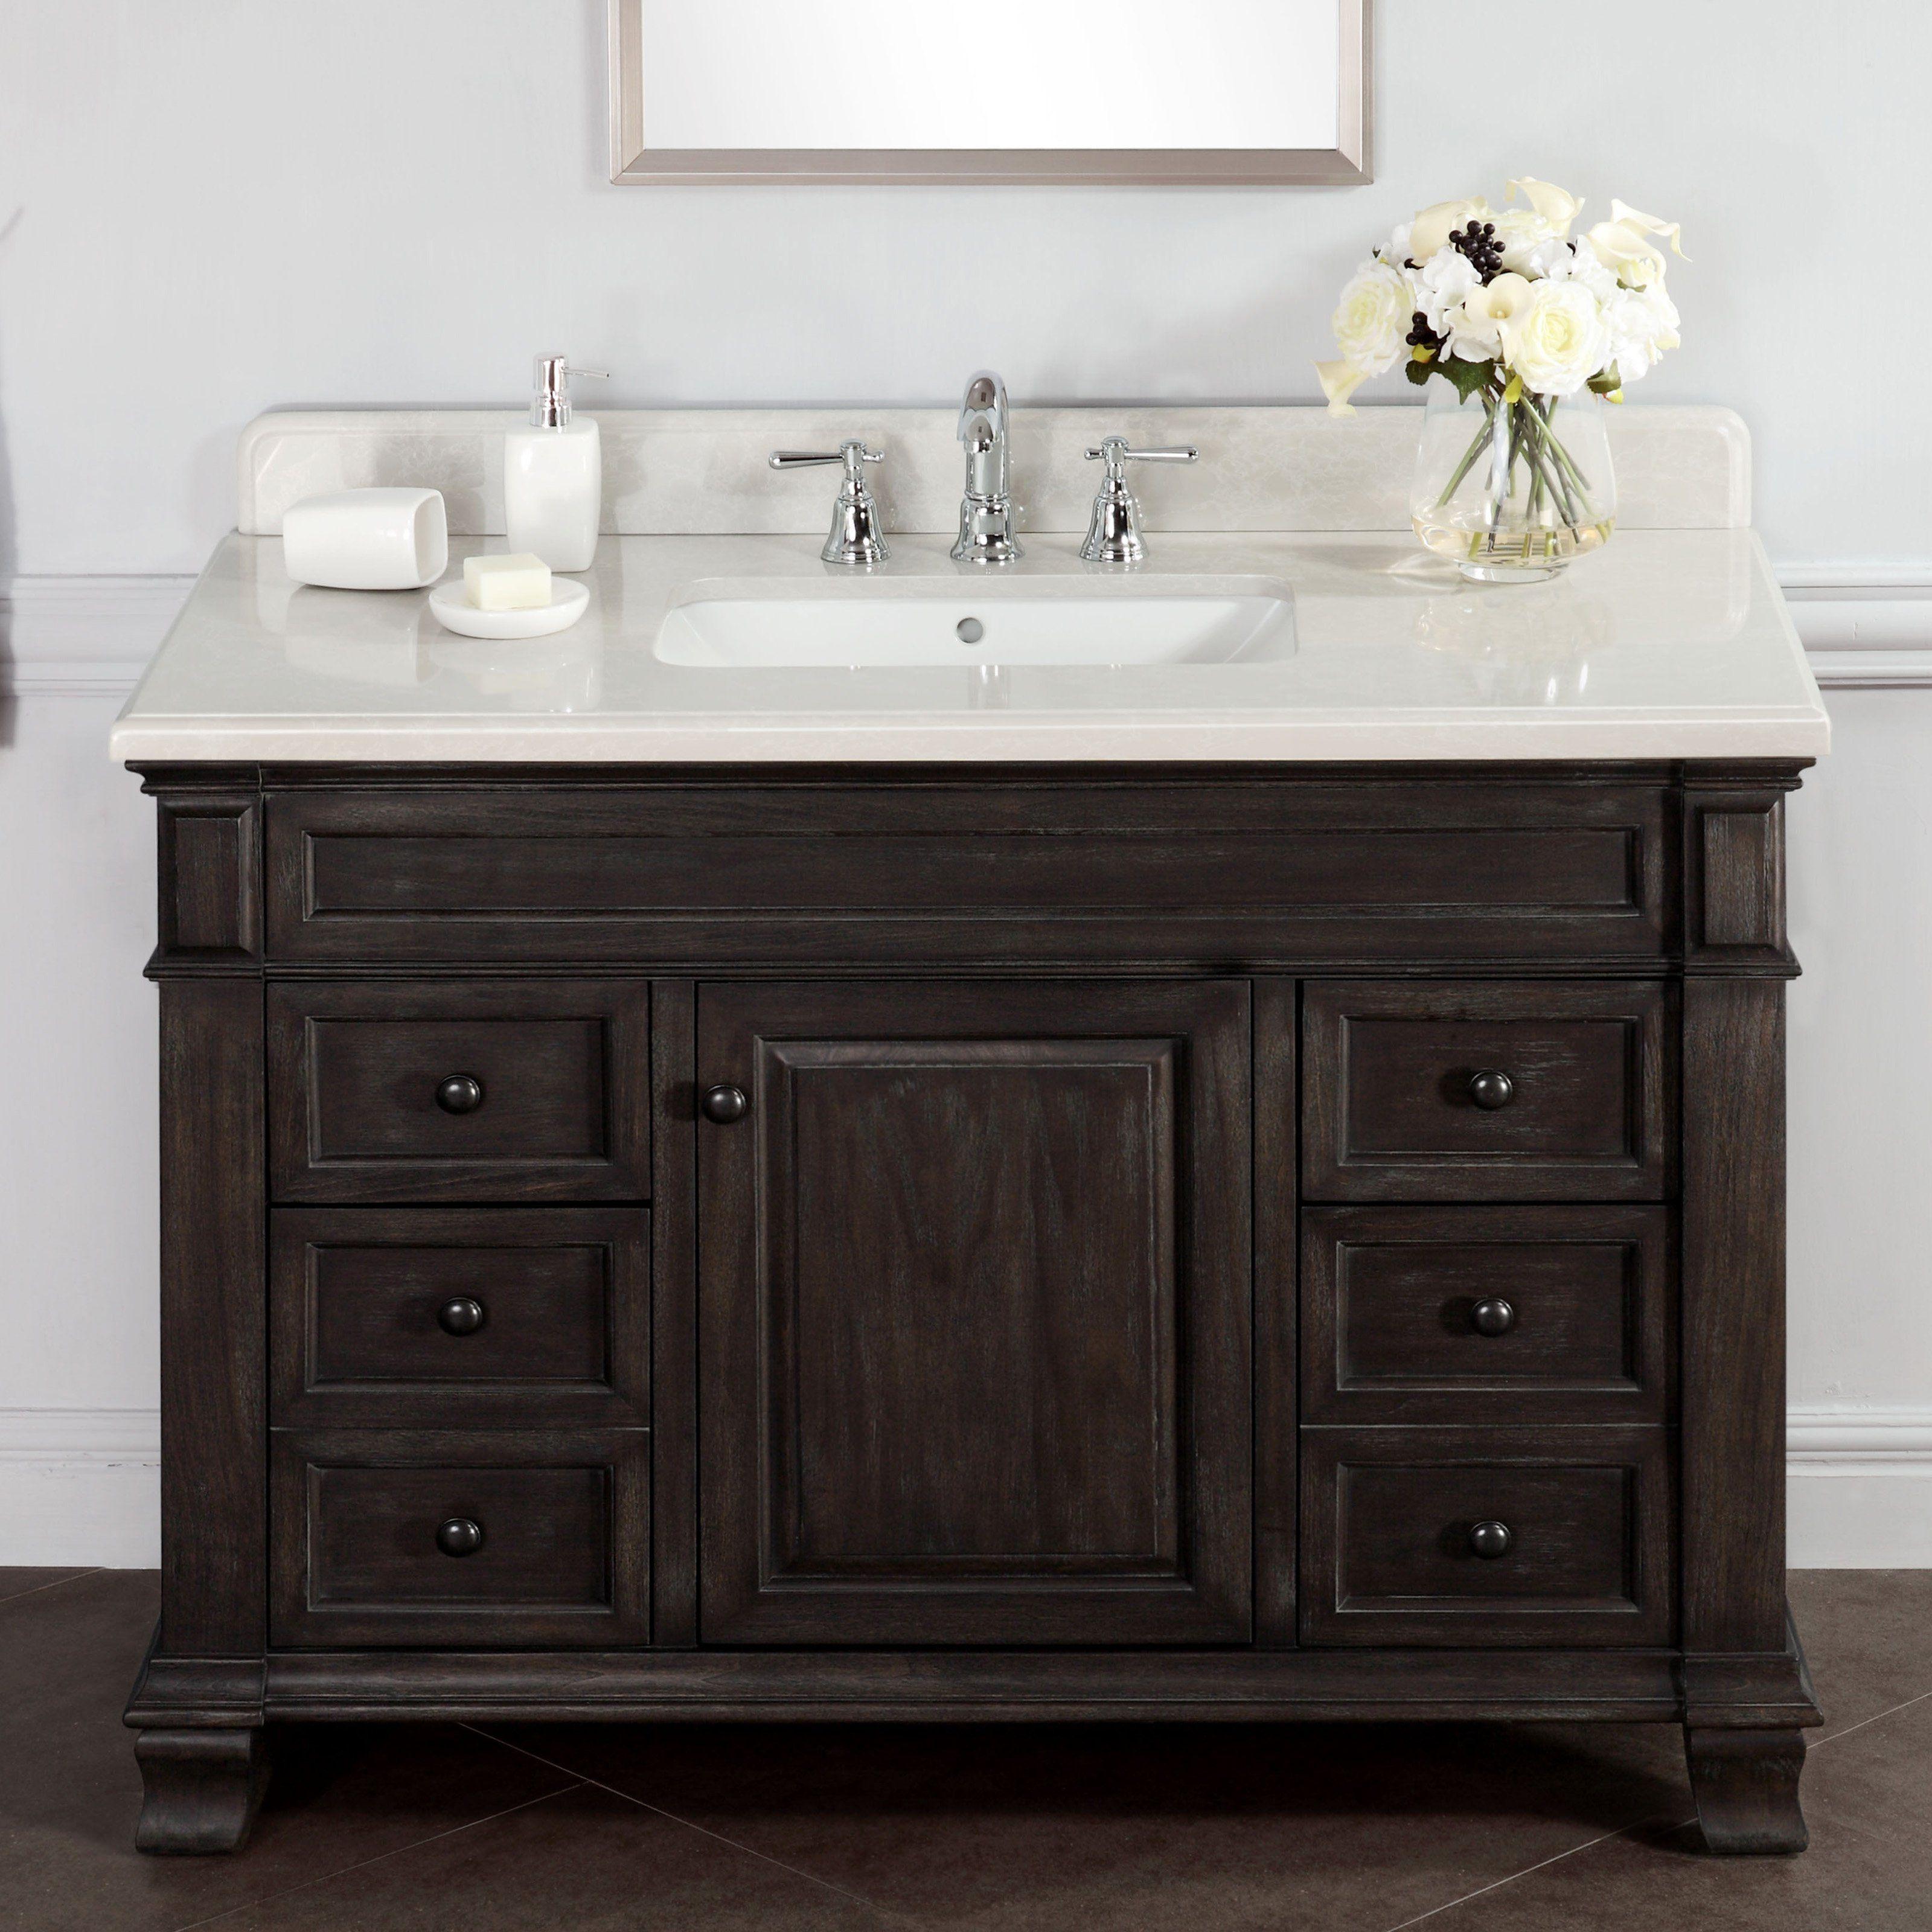 diy distressed bathroom vanity%0A Abel    inch Distressed Single Sink Bathroom Vanity Marble Top  Solid  hardwoods and wood veneers  Alpine Mist Stone top and backsplash  Black  antique knobs